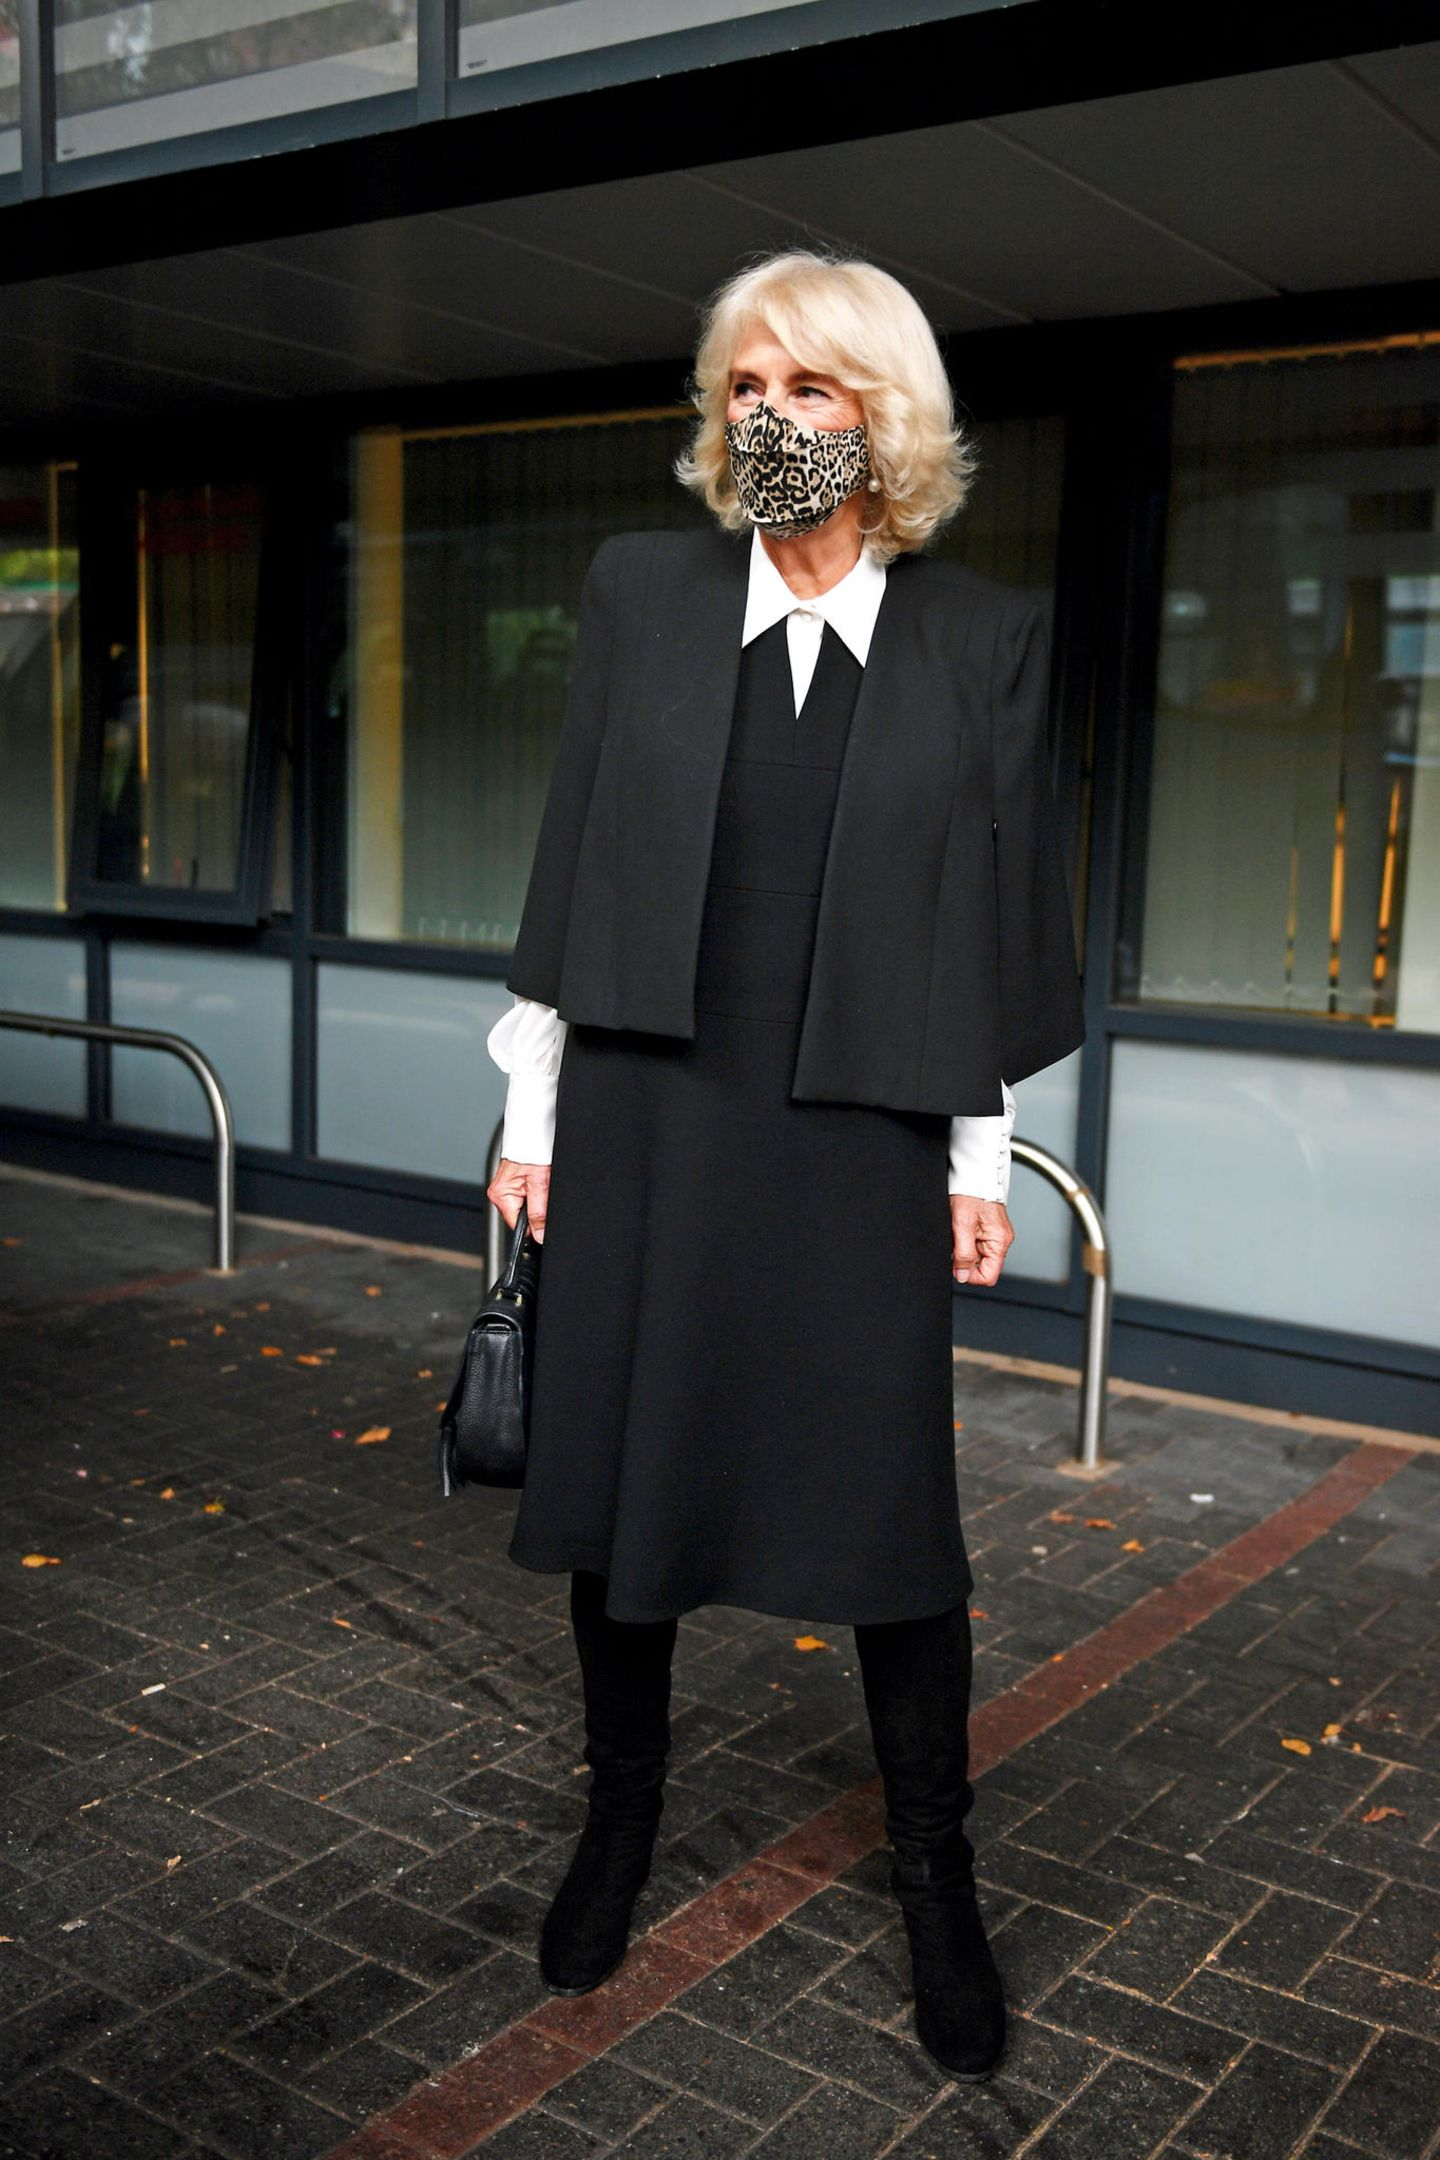 ... hält sich die 73-Jährige allerdings bedeckt und setzt auf eine schlichte Schwarz-Weiß-Kombination aus Kleid mit Blusen-Details, Strumpfhose und Blazer. Perlenohrringe runden ihren überaus stilvollen Auftritt ab.